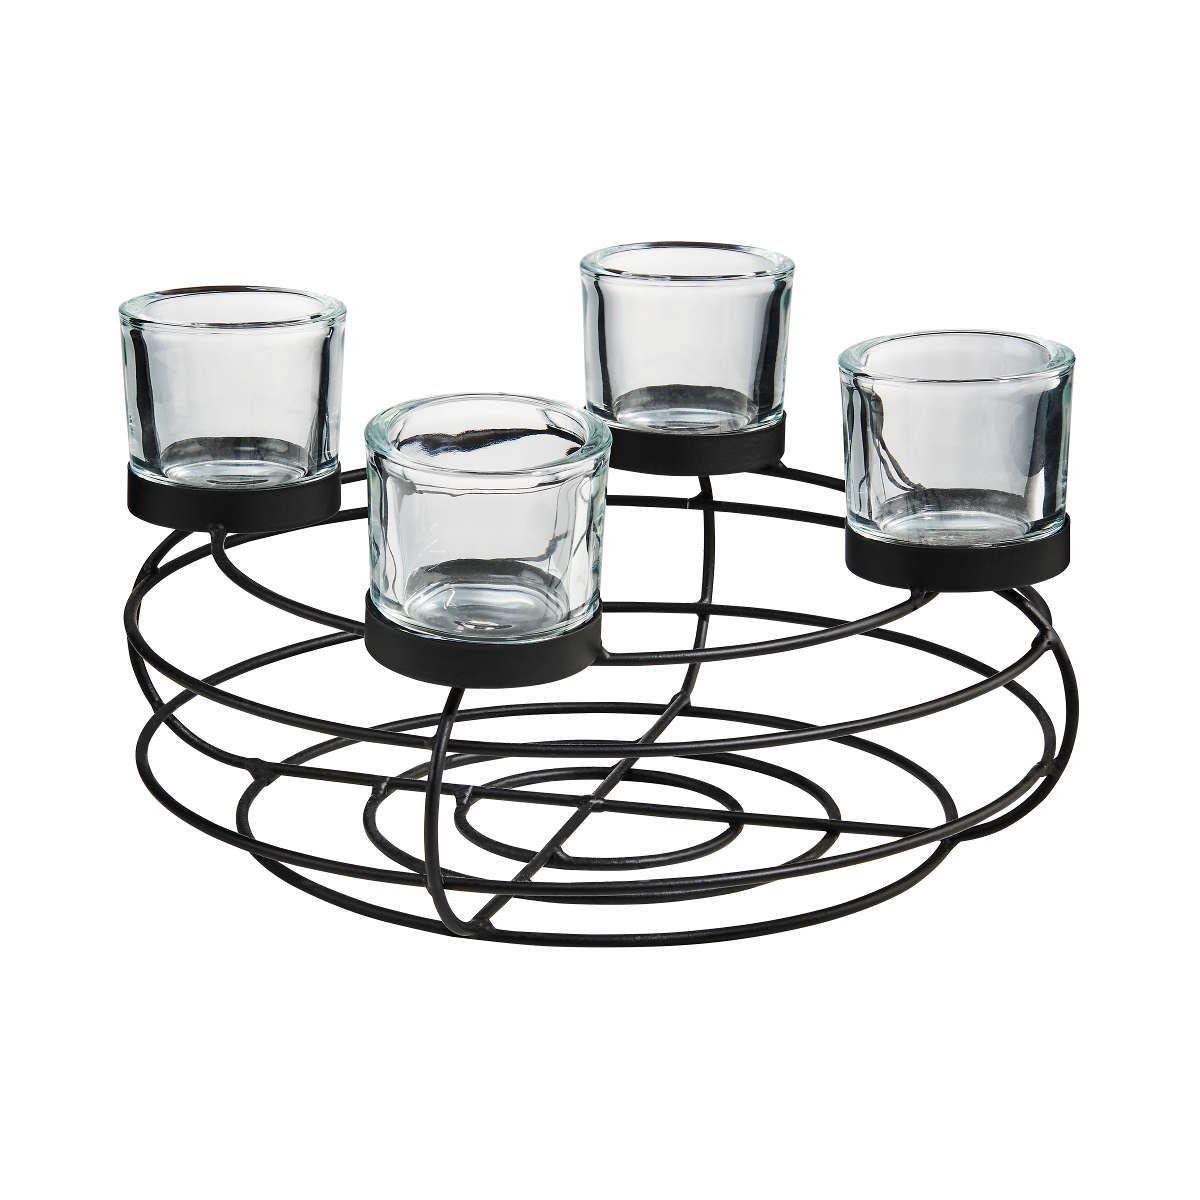 Bild 1 von Adventskranz mit Teelichthaltern